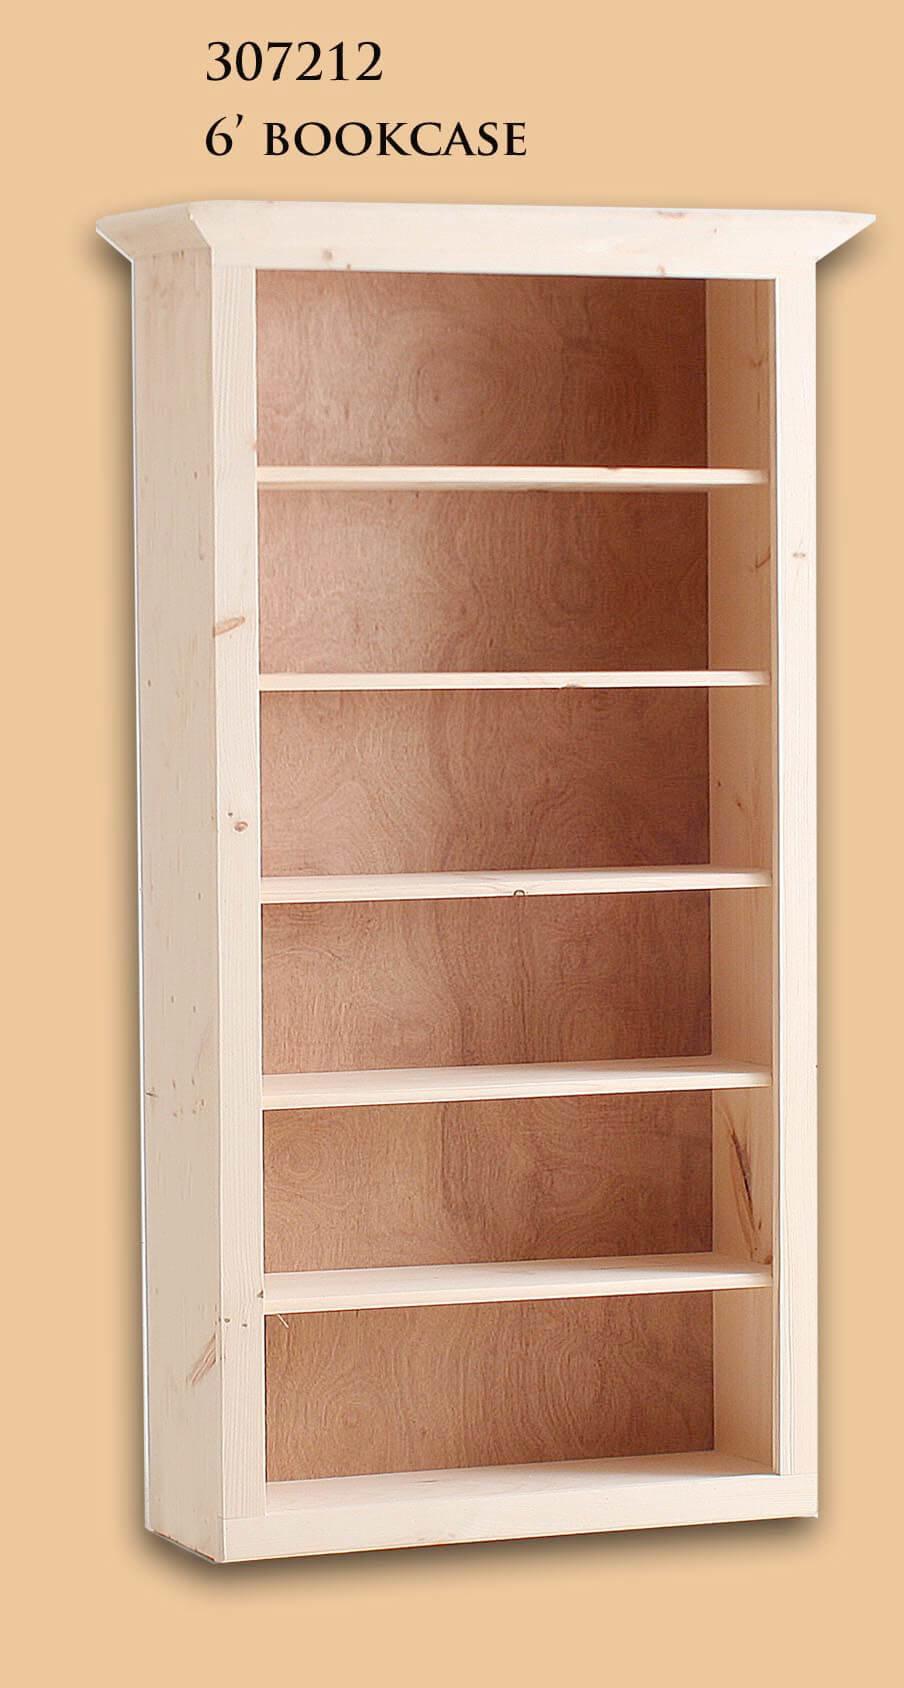 307212 6 Bookcase